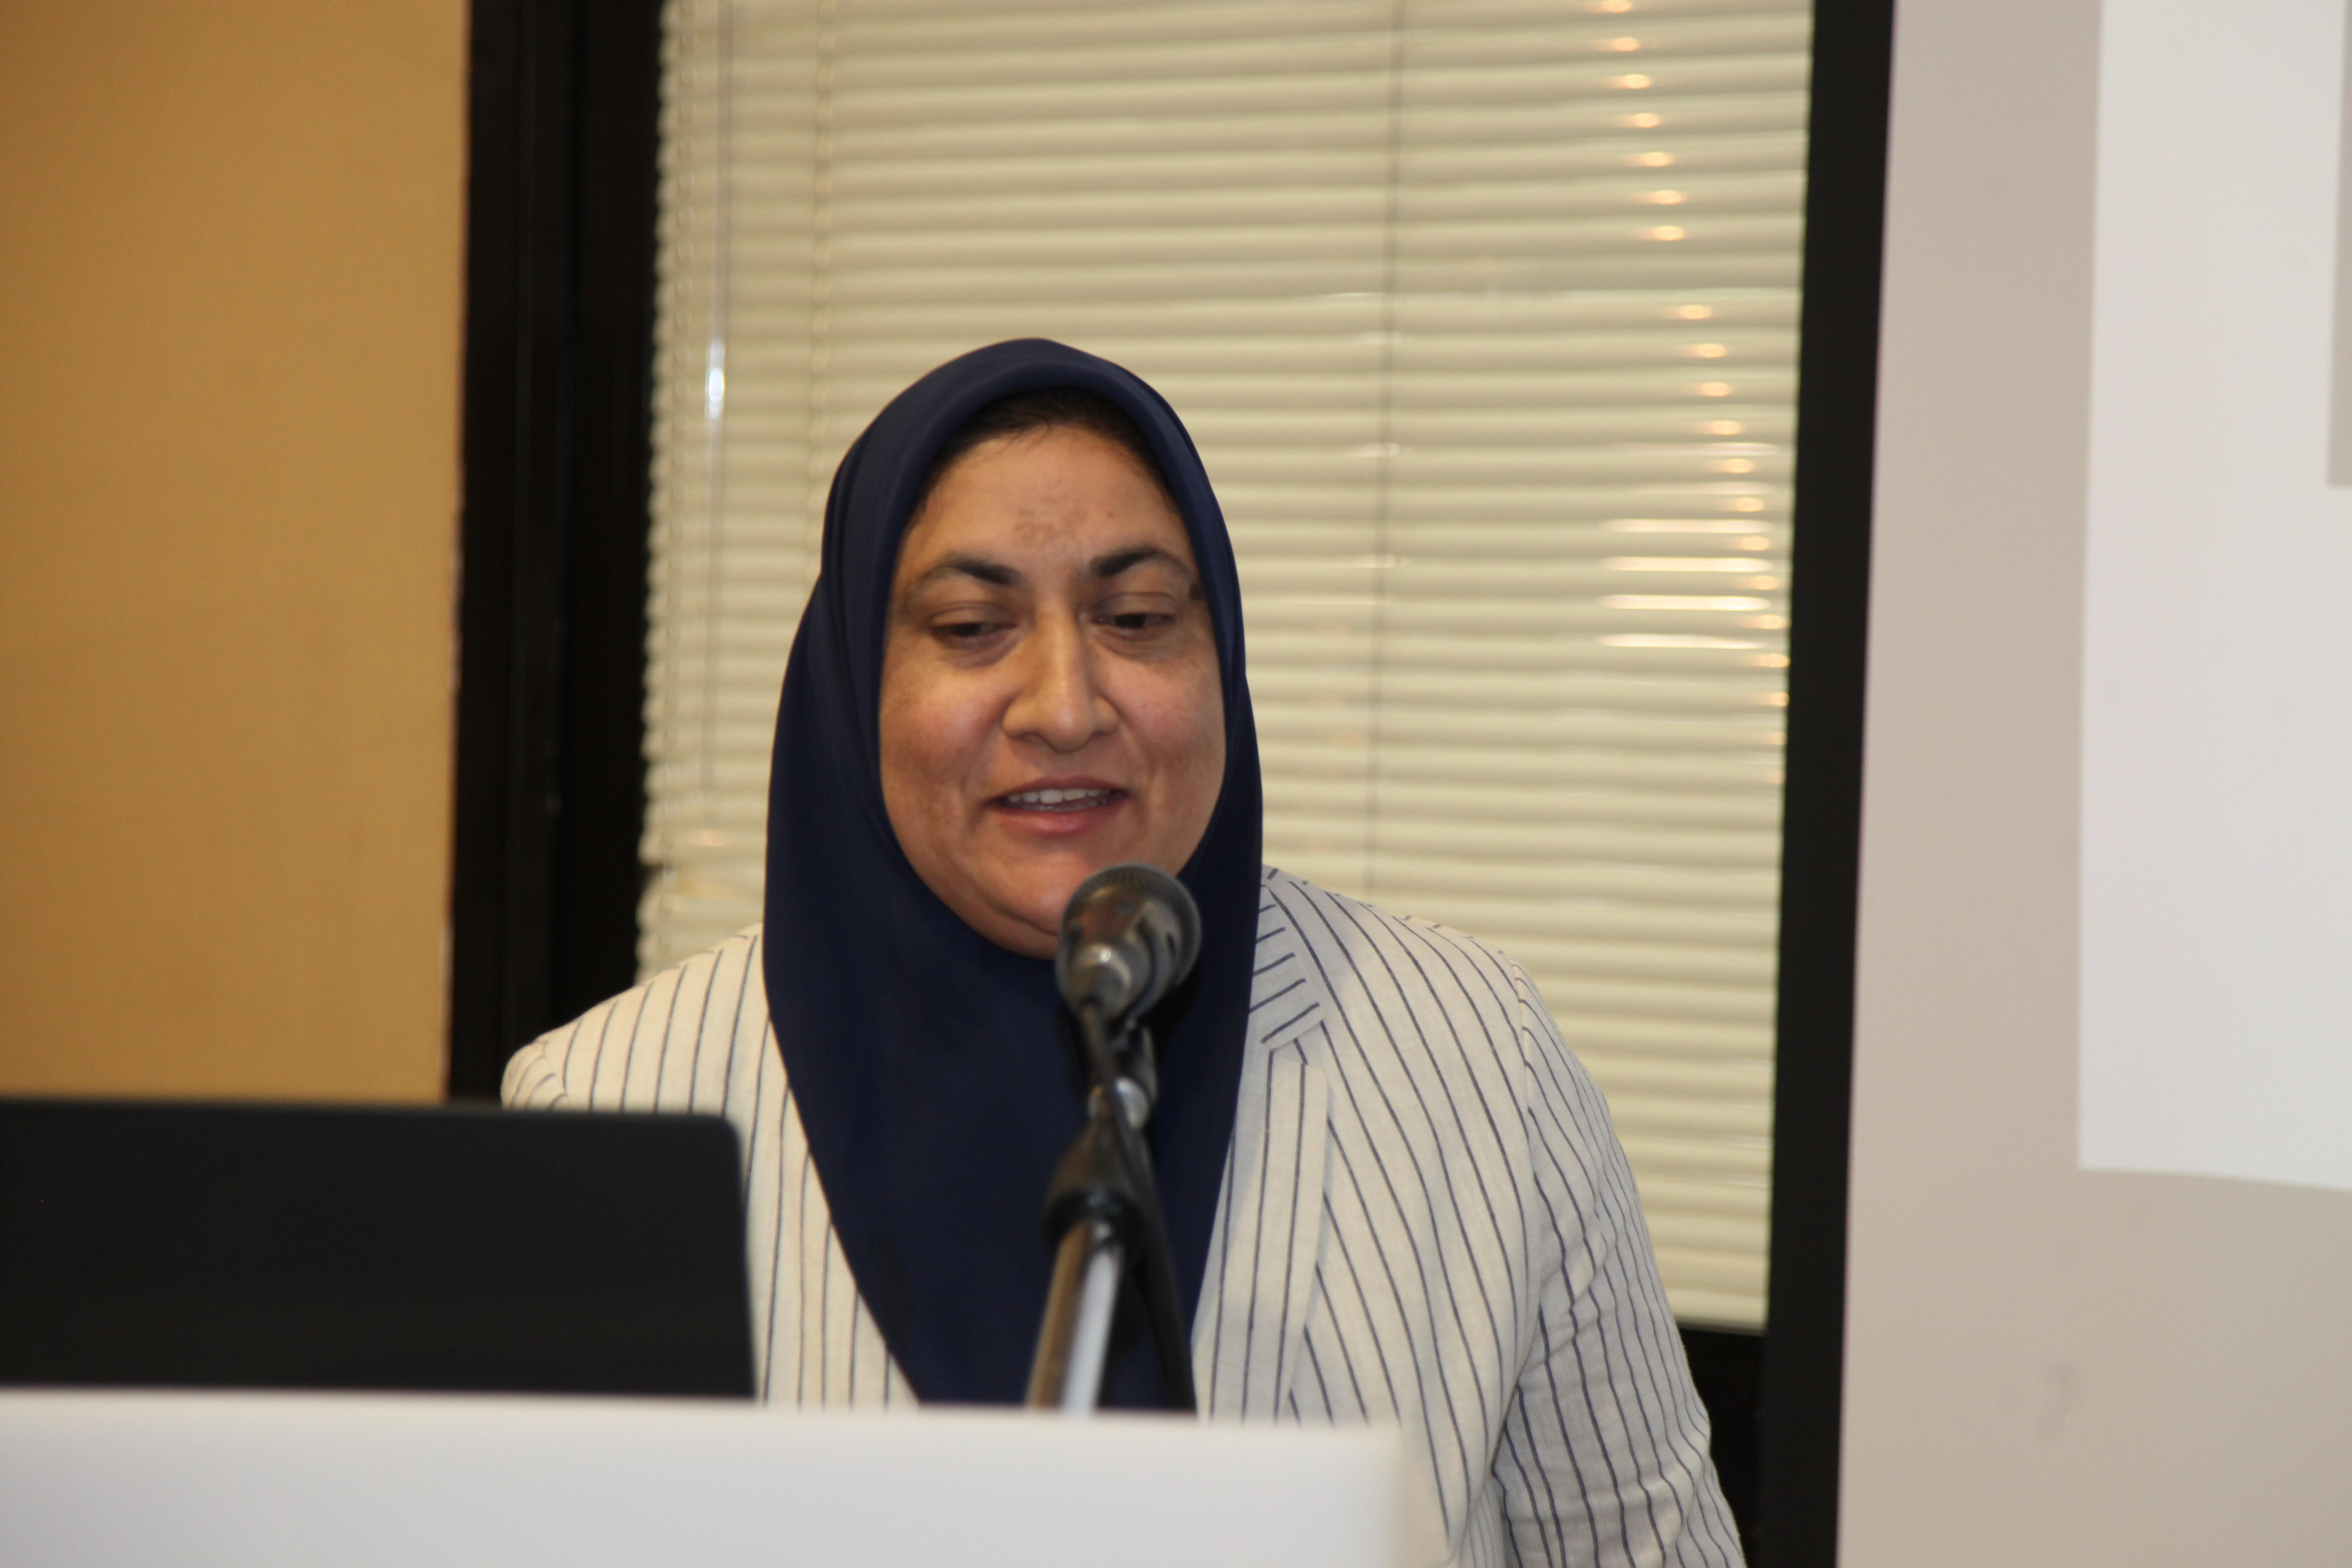 Nadira Khamker